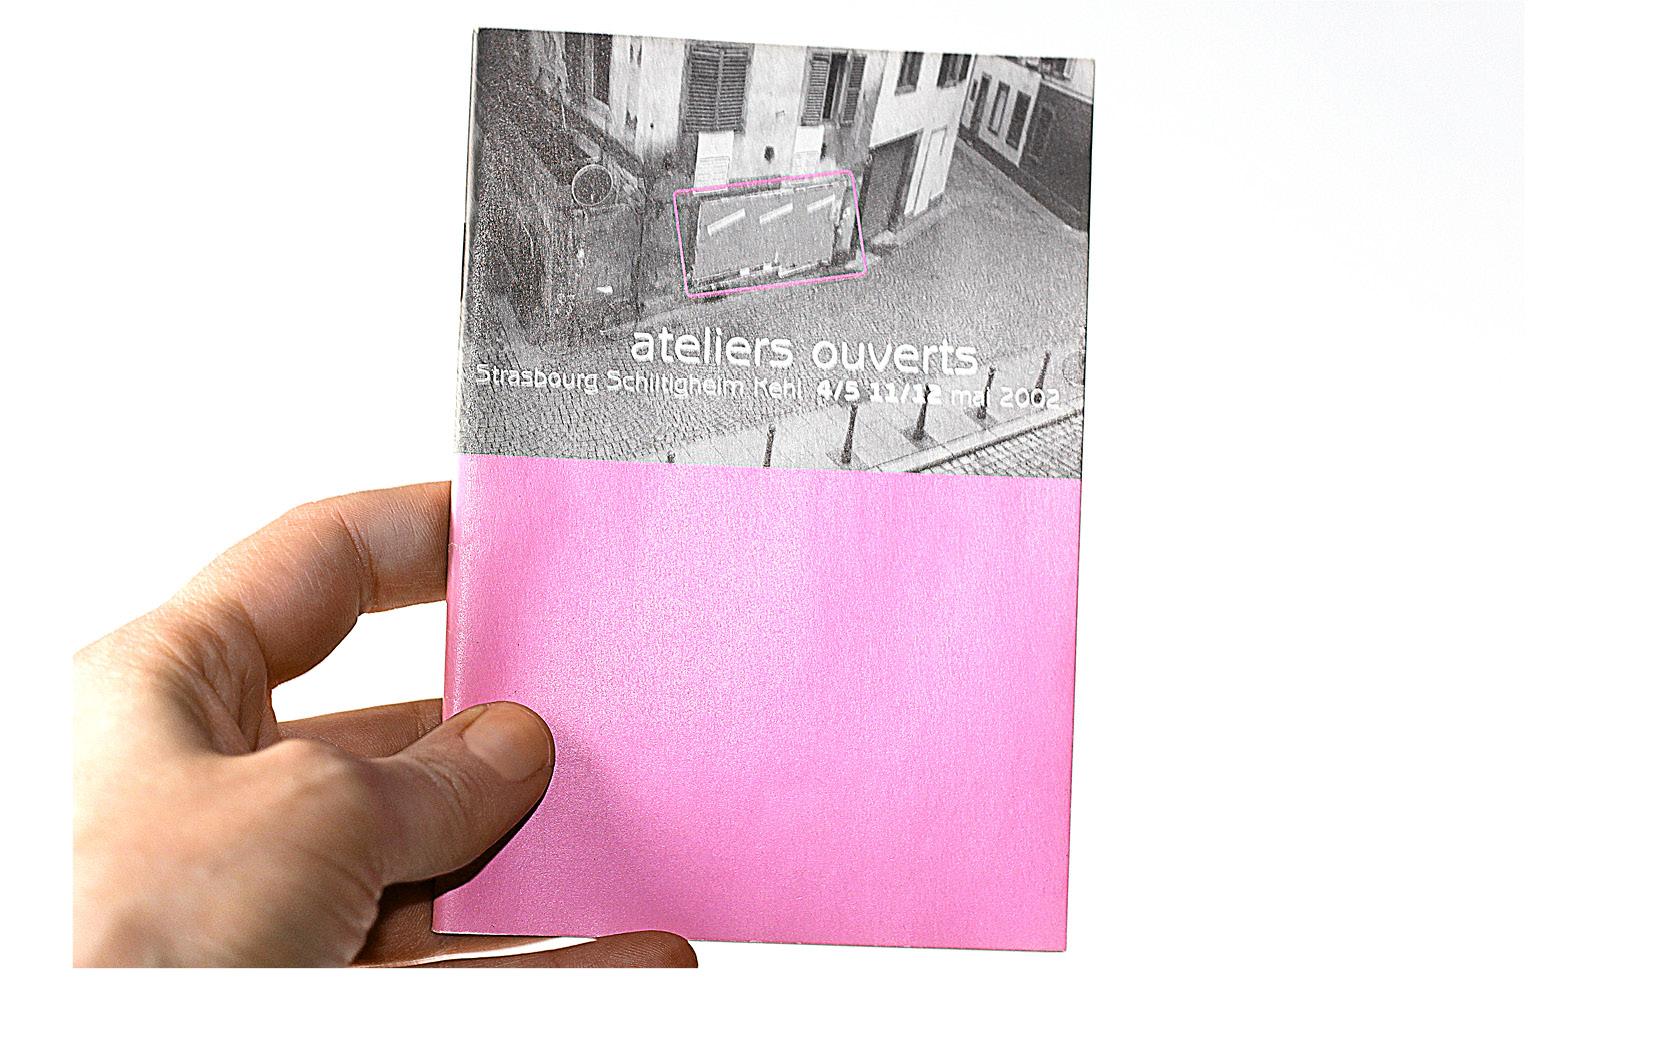 Graphisme et mise en pages du livret Ateliers ouverts, 2002.